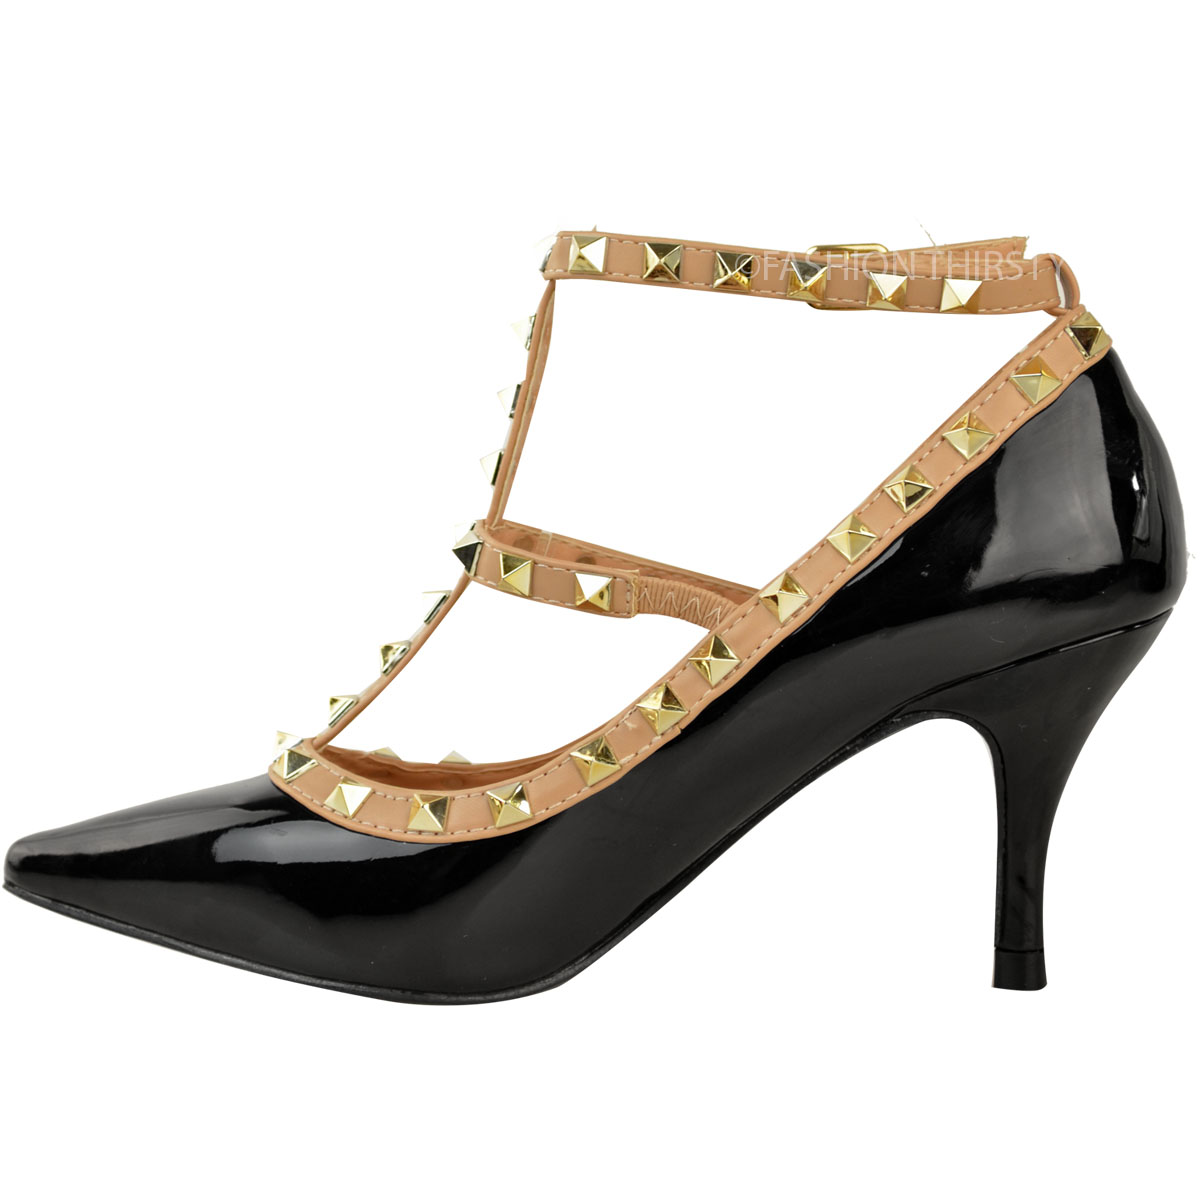 Designer Kitten Heel Wedding Shoes